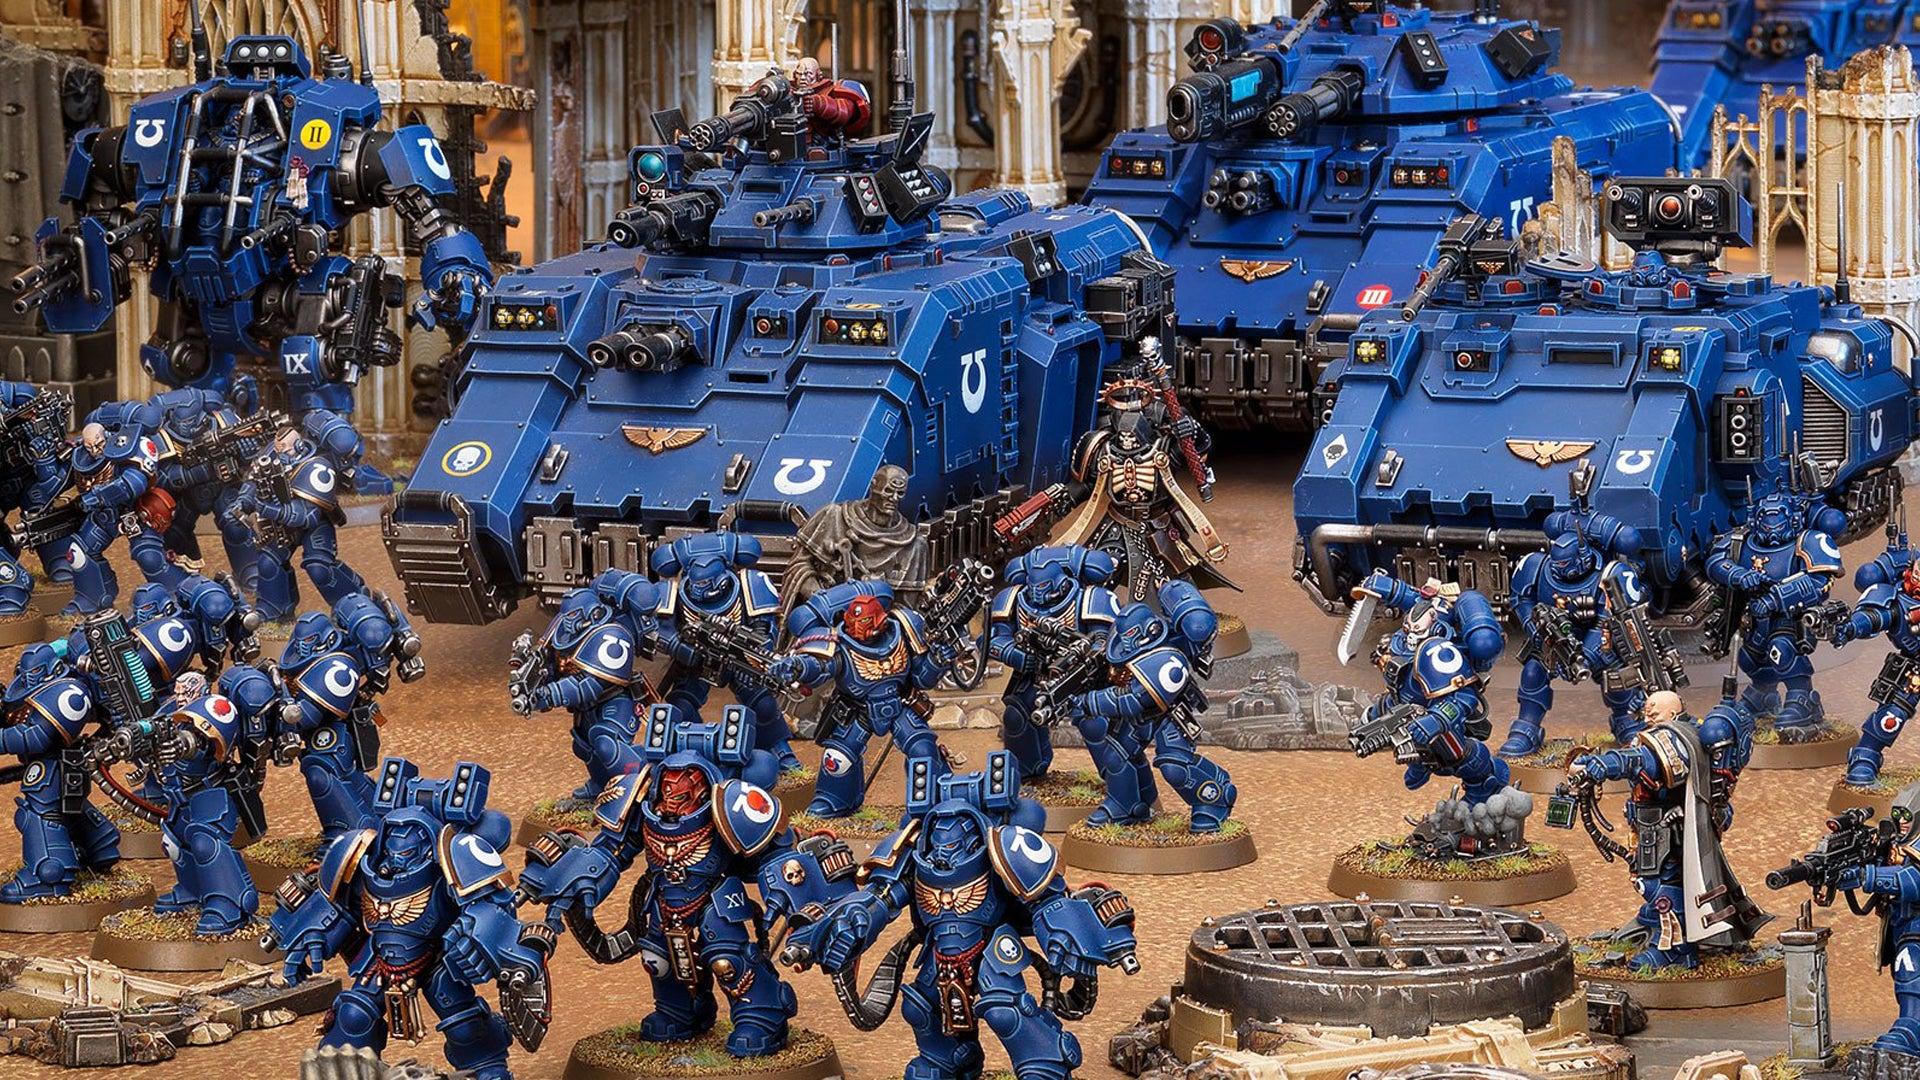 warhammer-40000-ninth-edition-space-marine-army.jpg